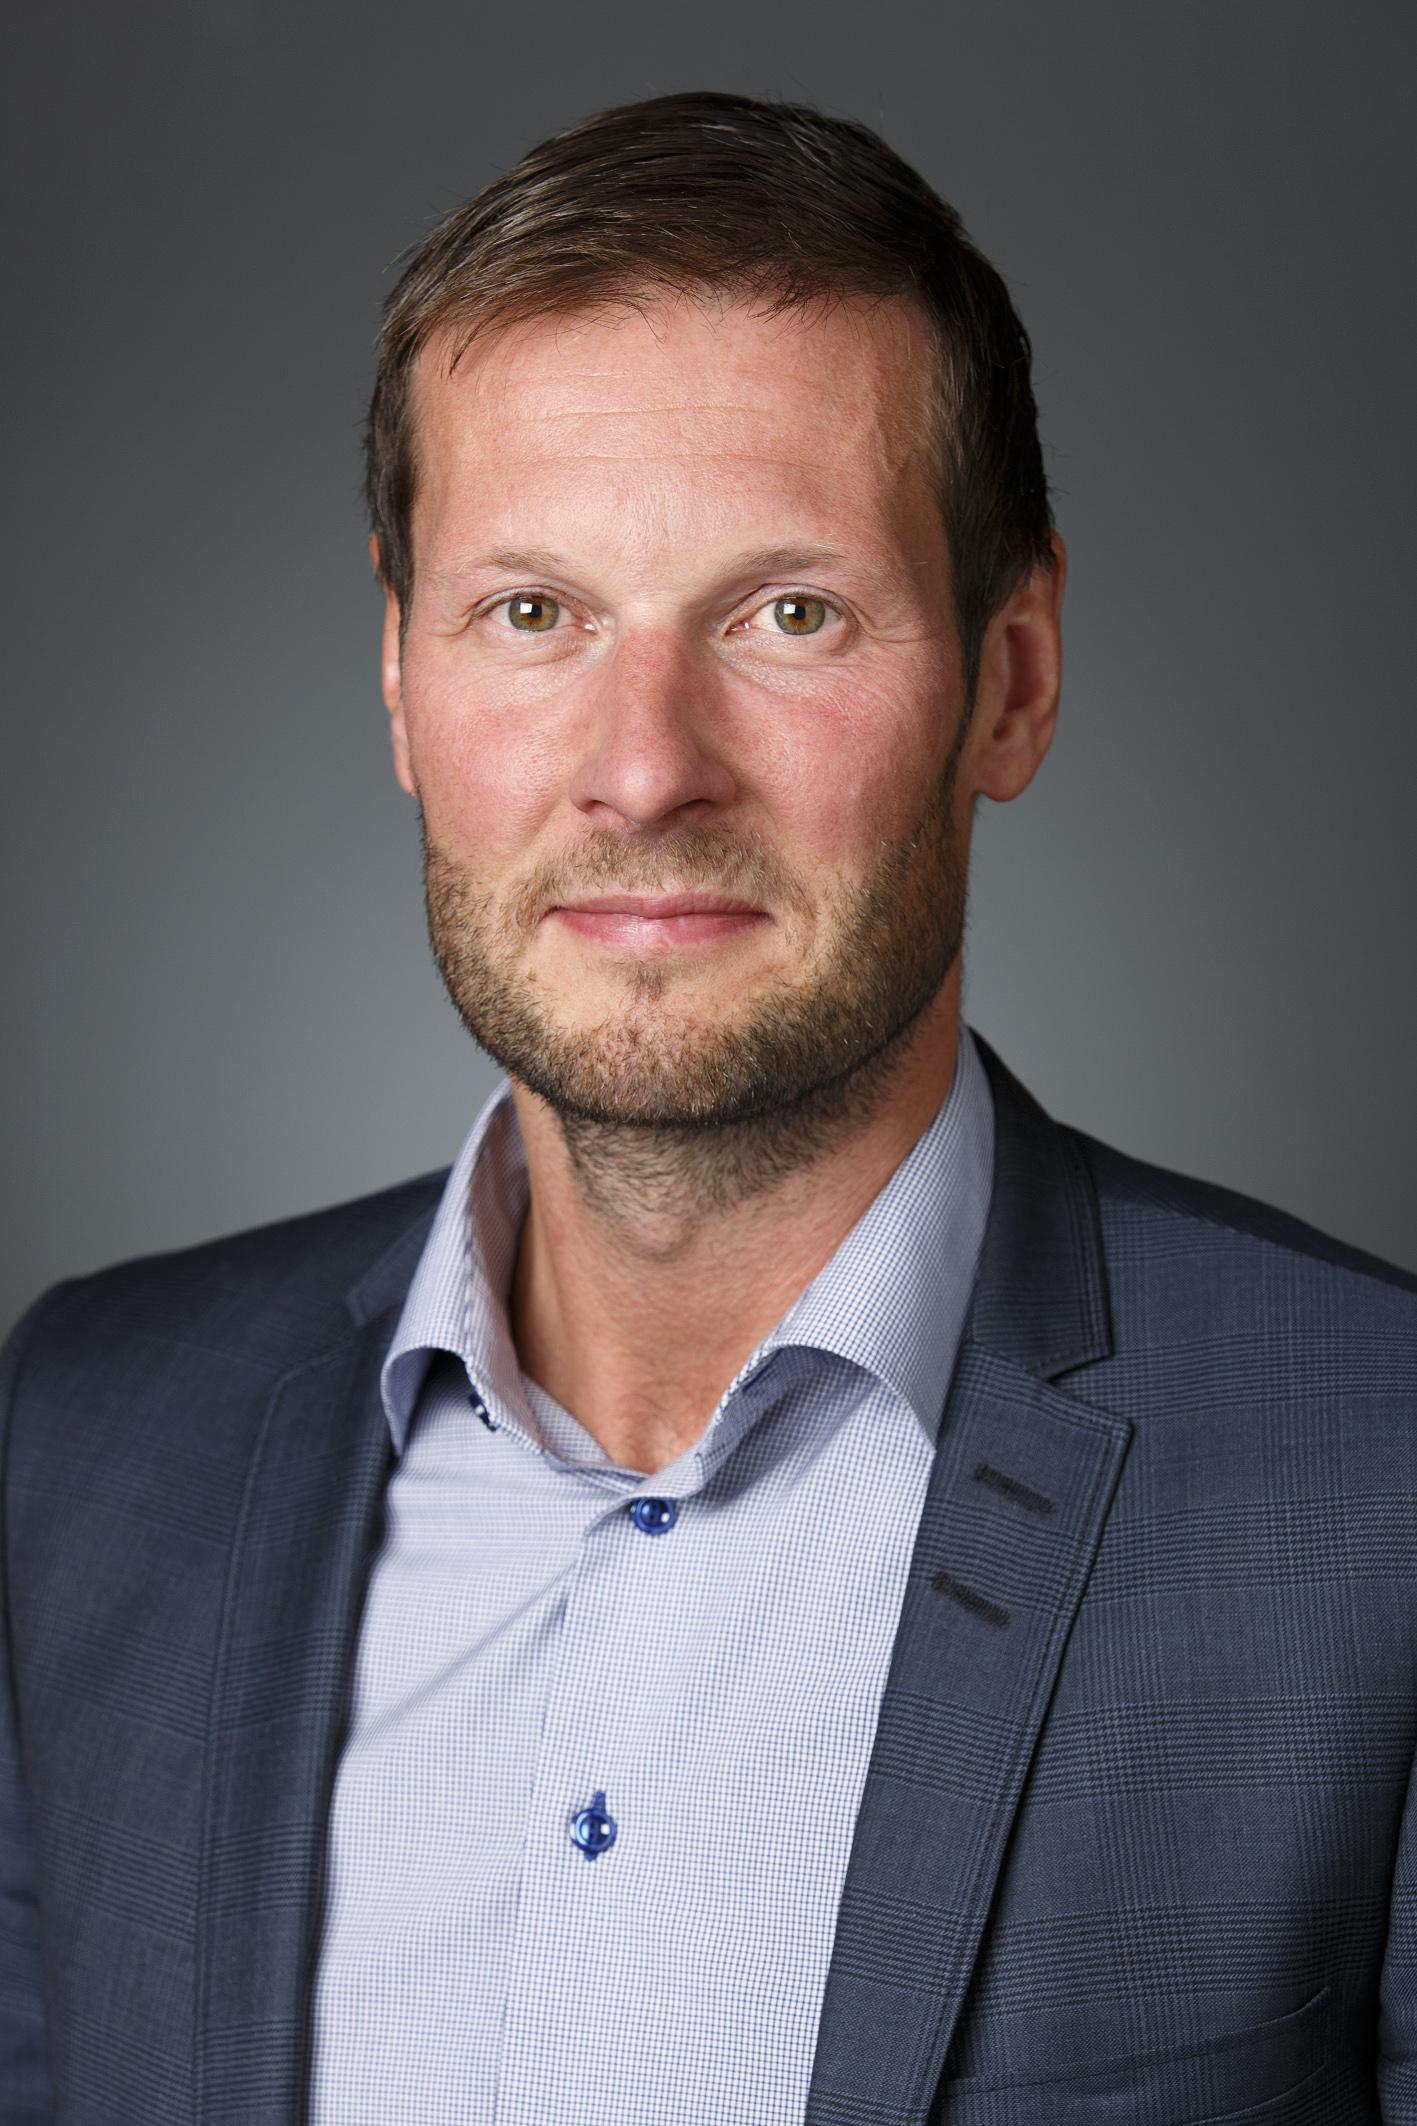 Jörgen Haglund